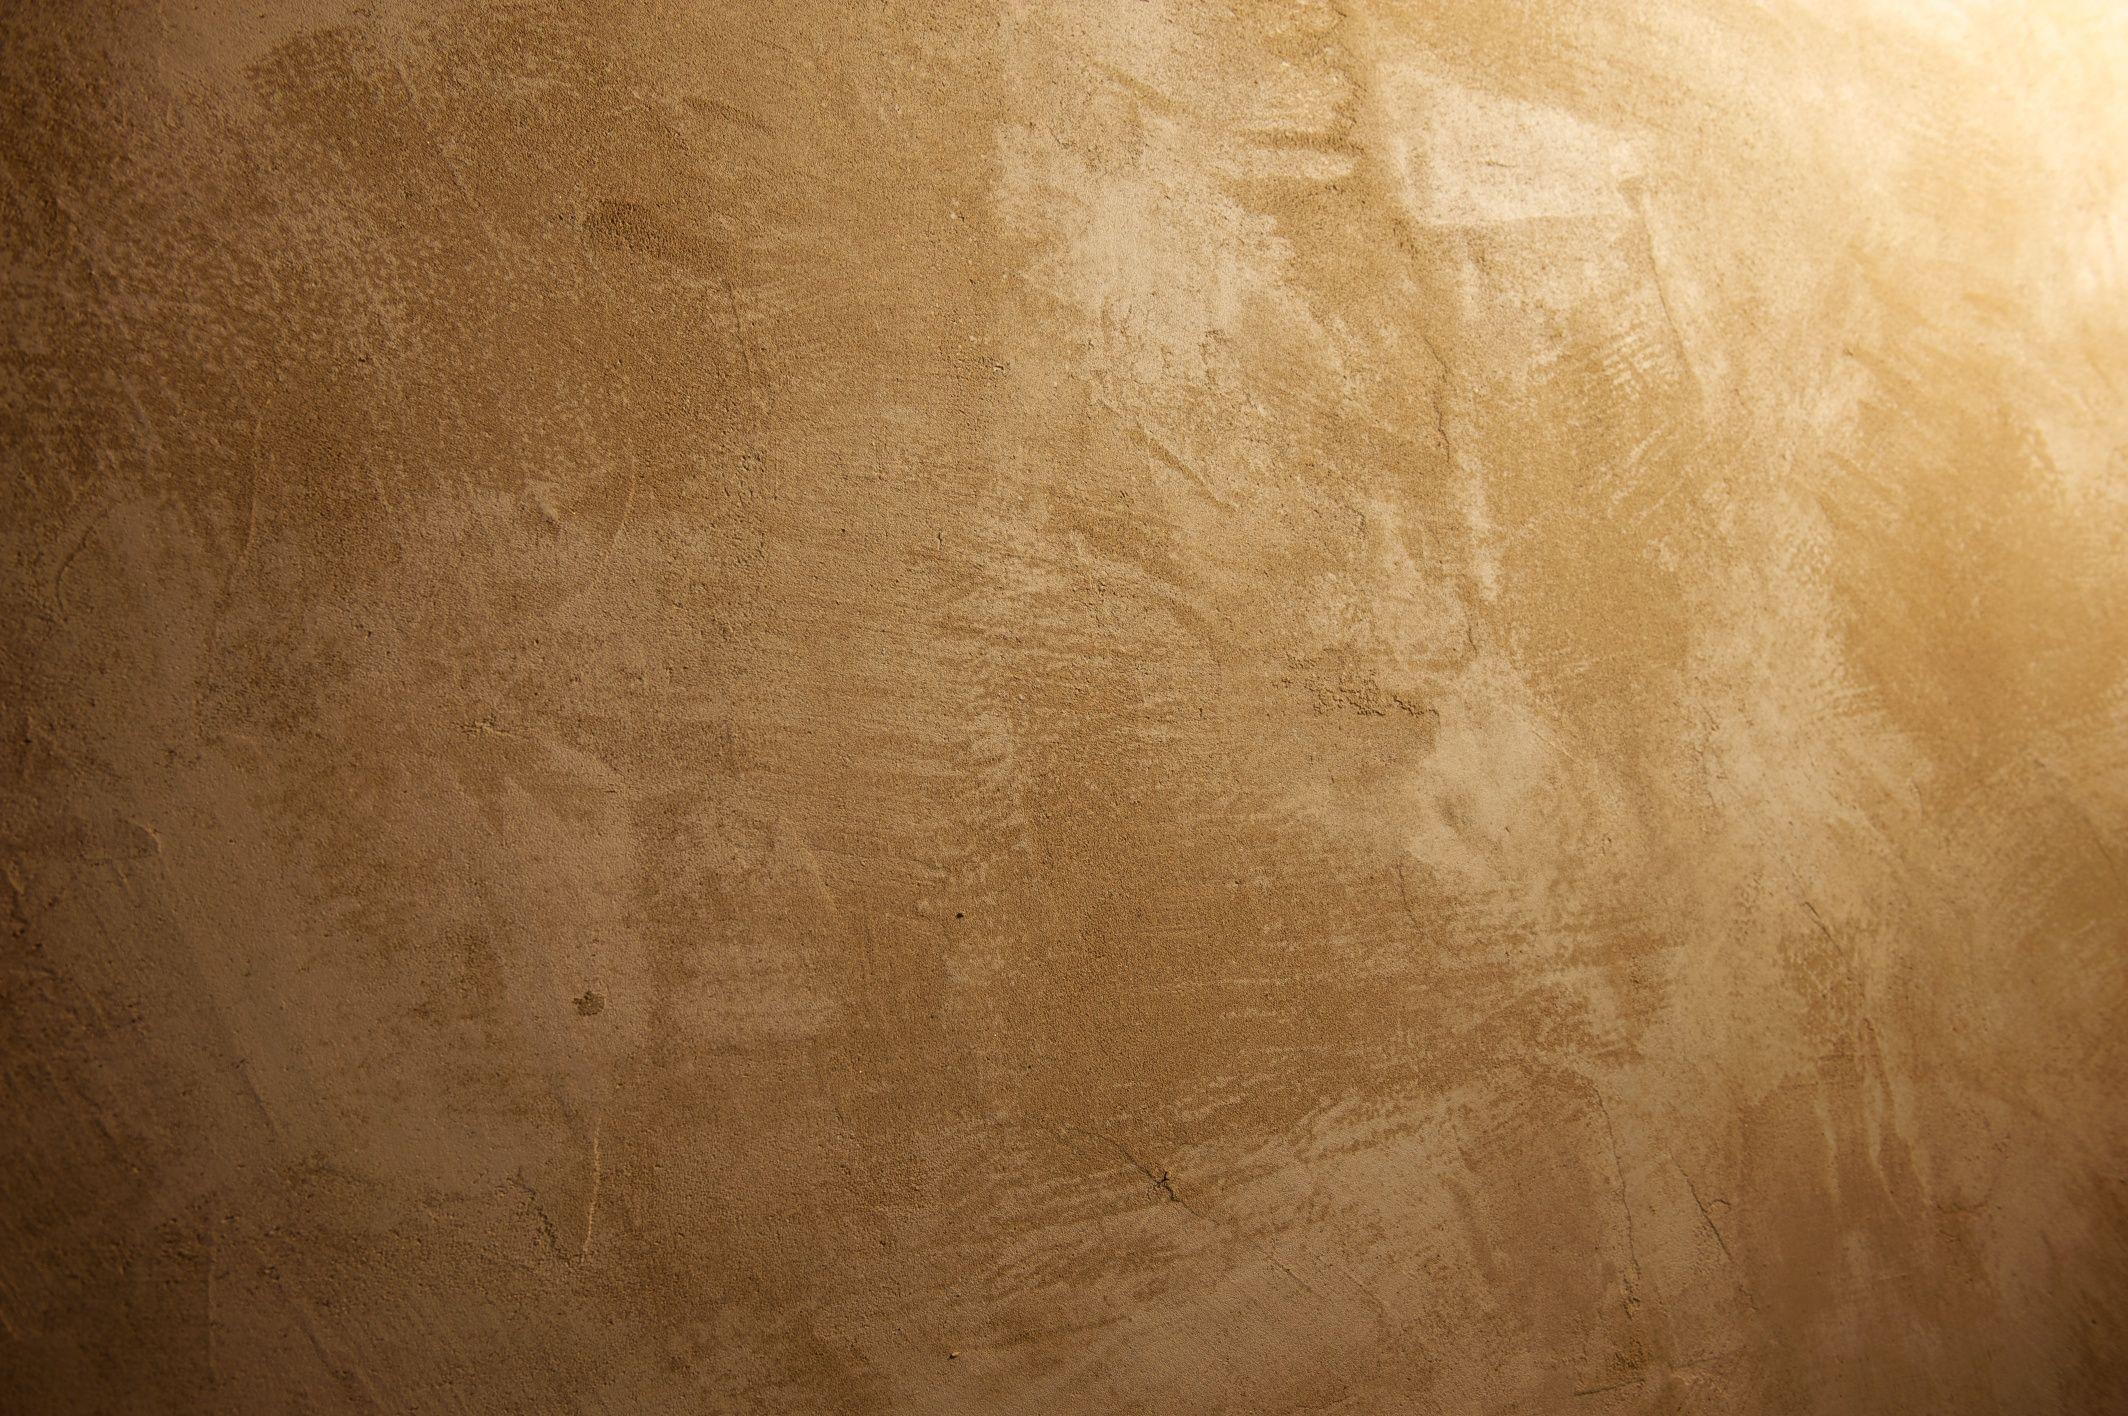 Intonaco di cocciopesto: tecnica antica e naturale per muri umidi